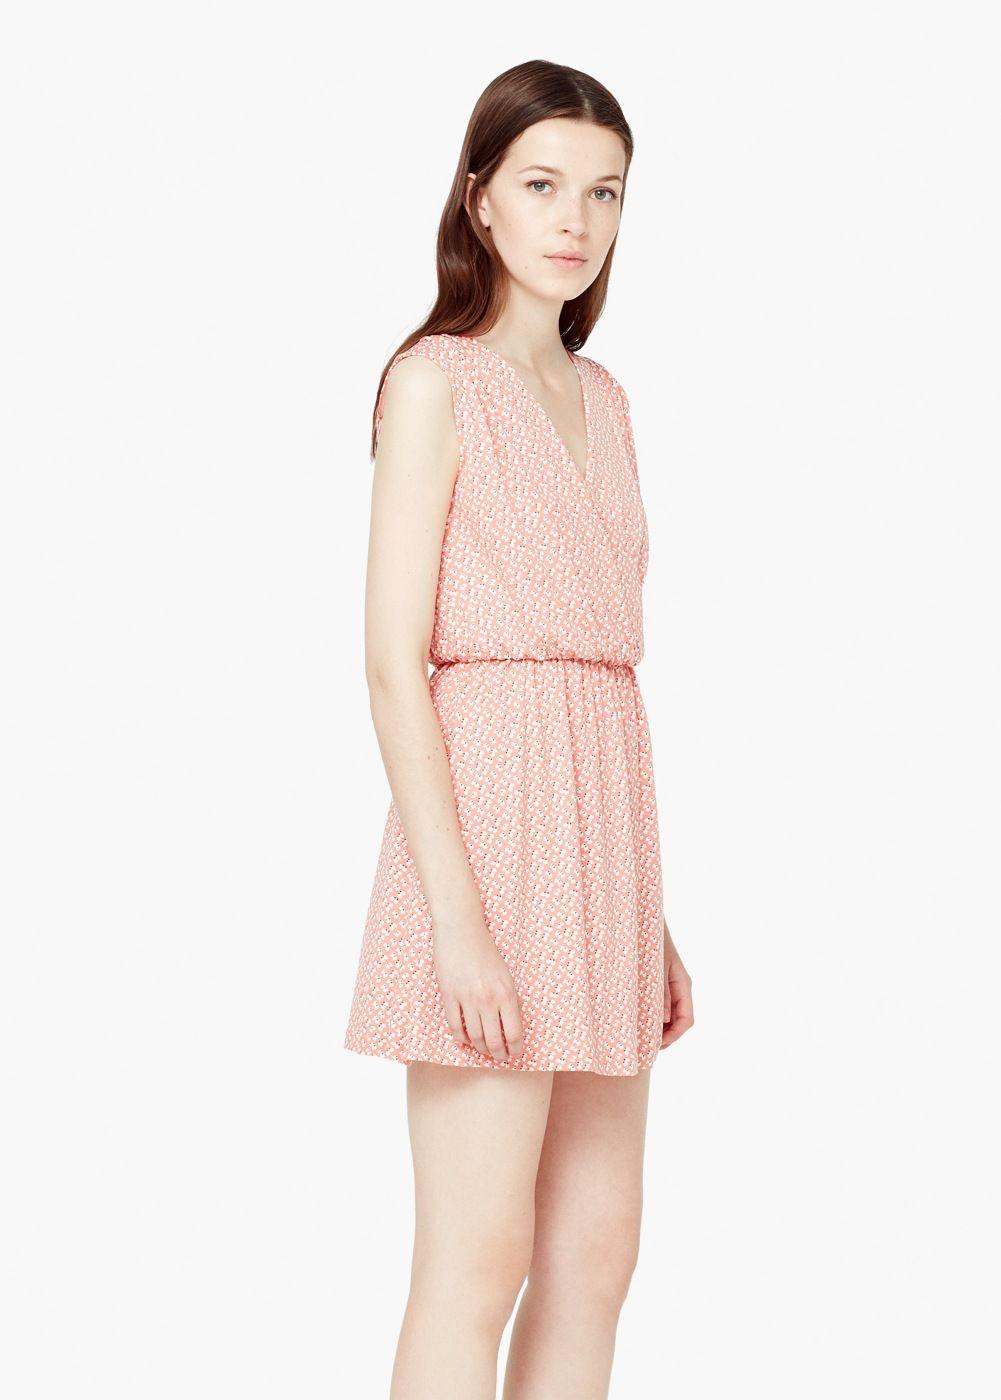 Šaty s překříženým výstřihem - Žena  975ba359fb5